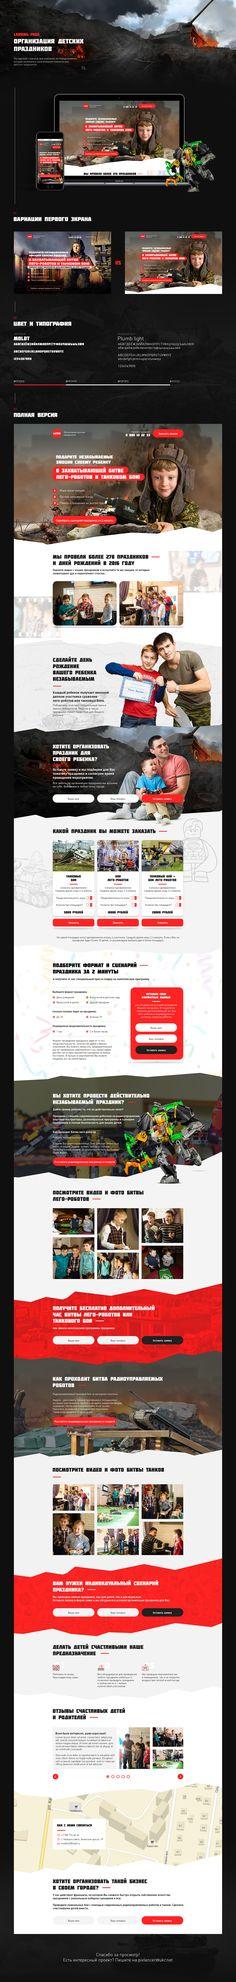 Landing page: Организация детских праздников on Behance